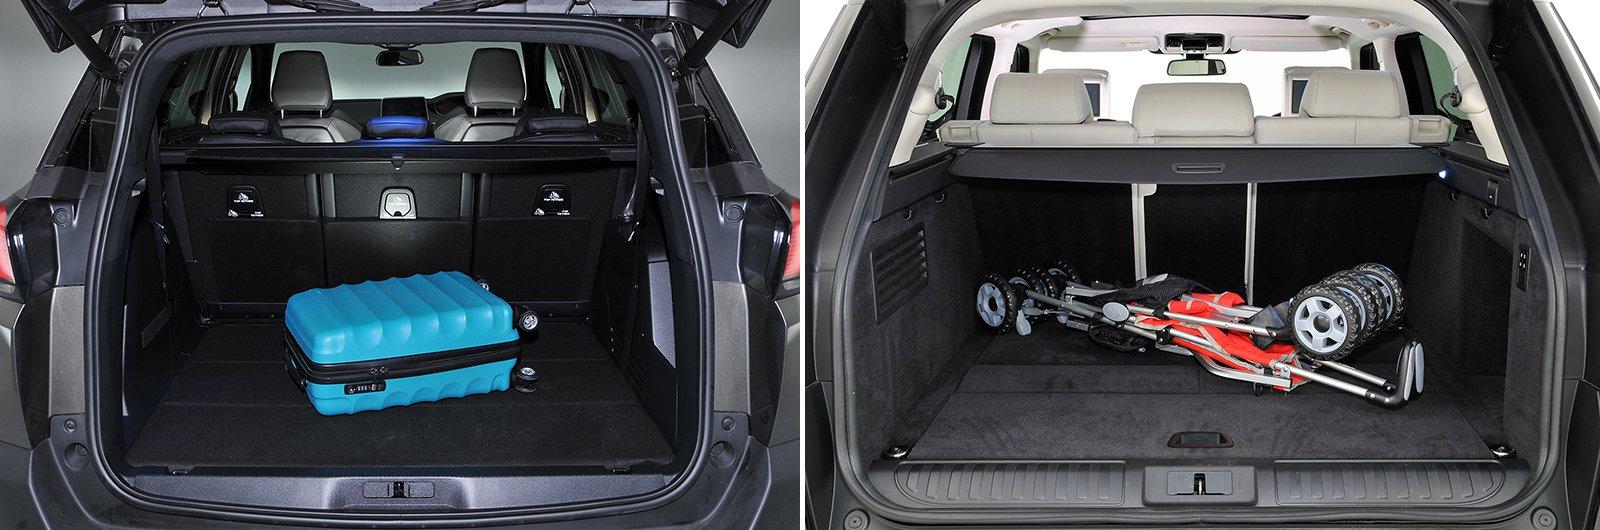 New Peugeot 5008 vs used Range Rover Sport boot